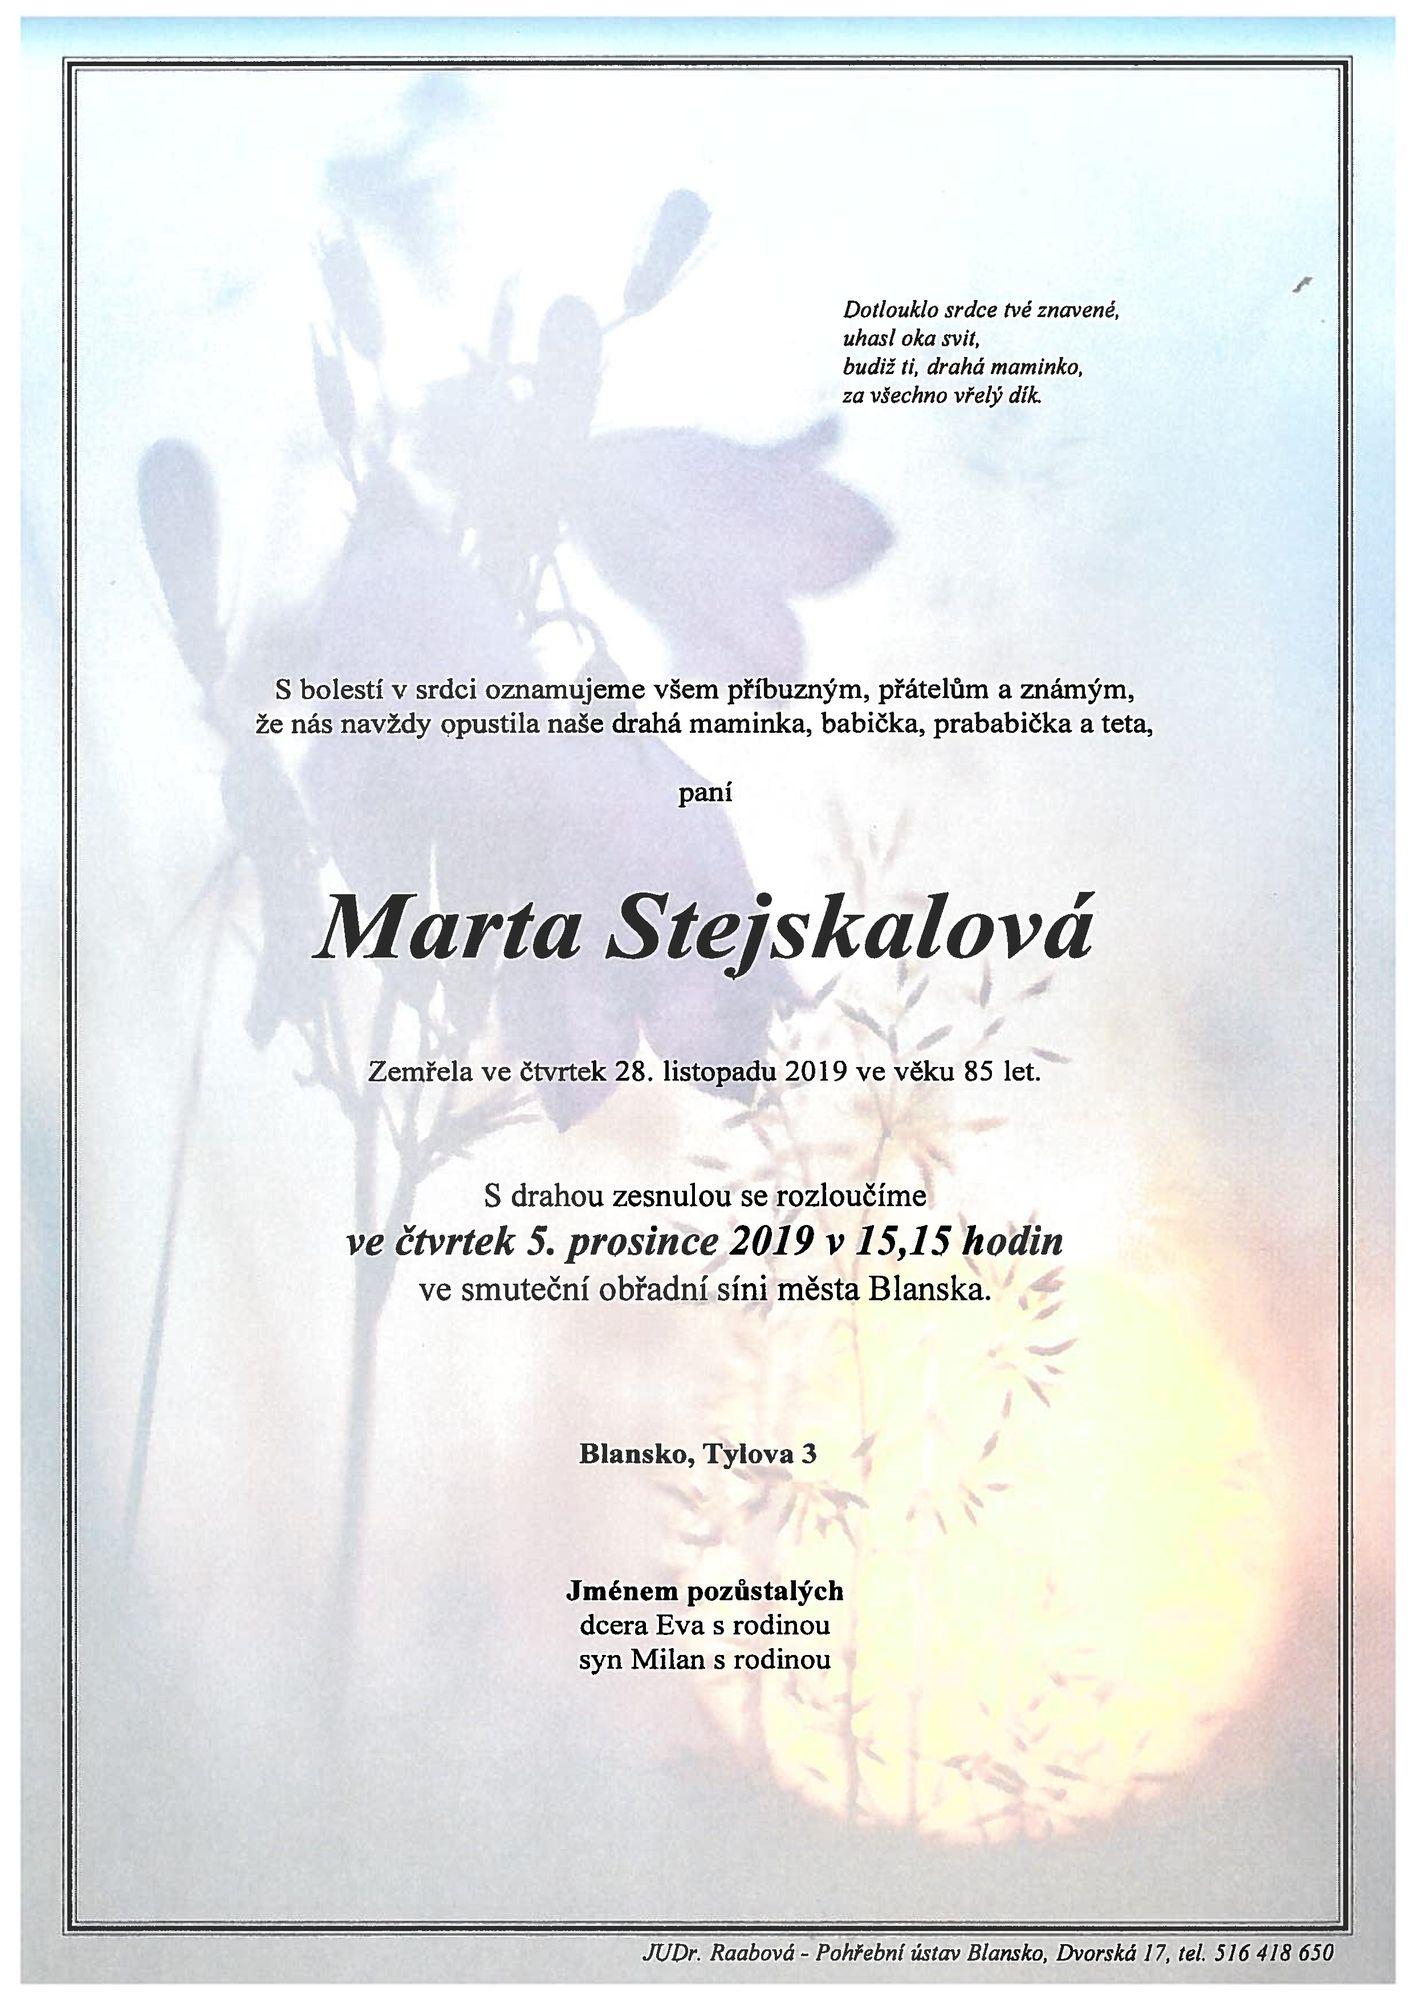 Marta Stejskalová